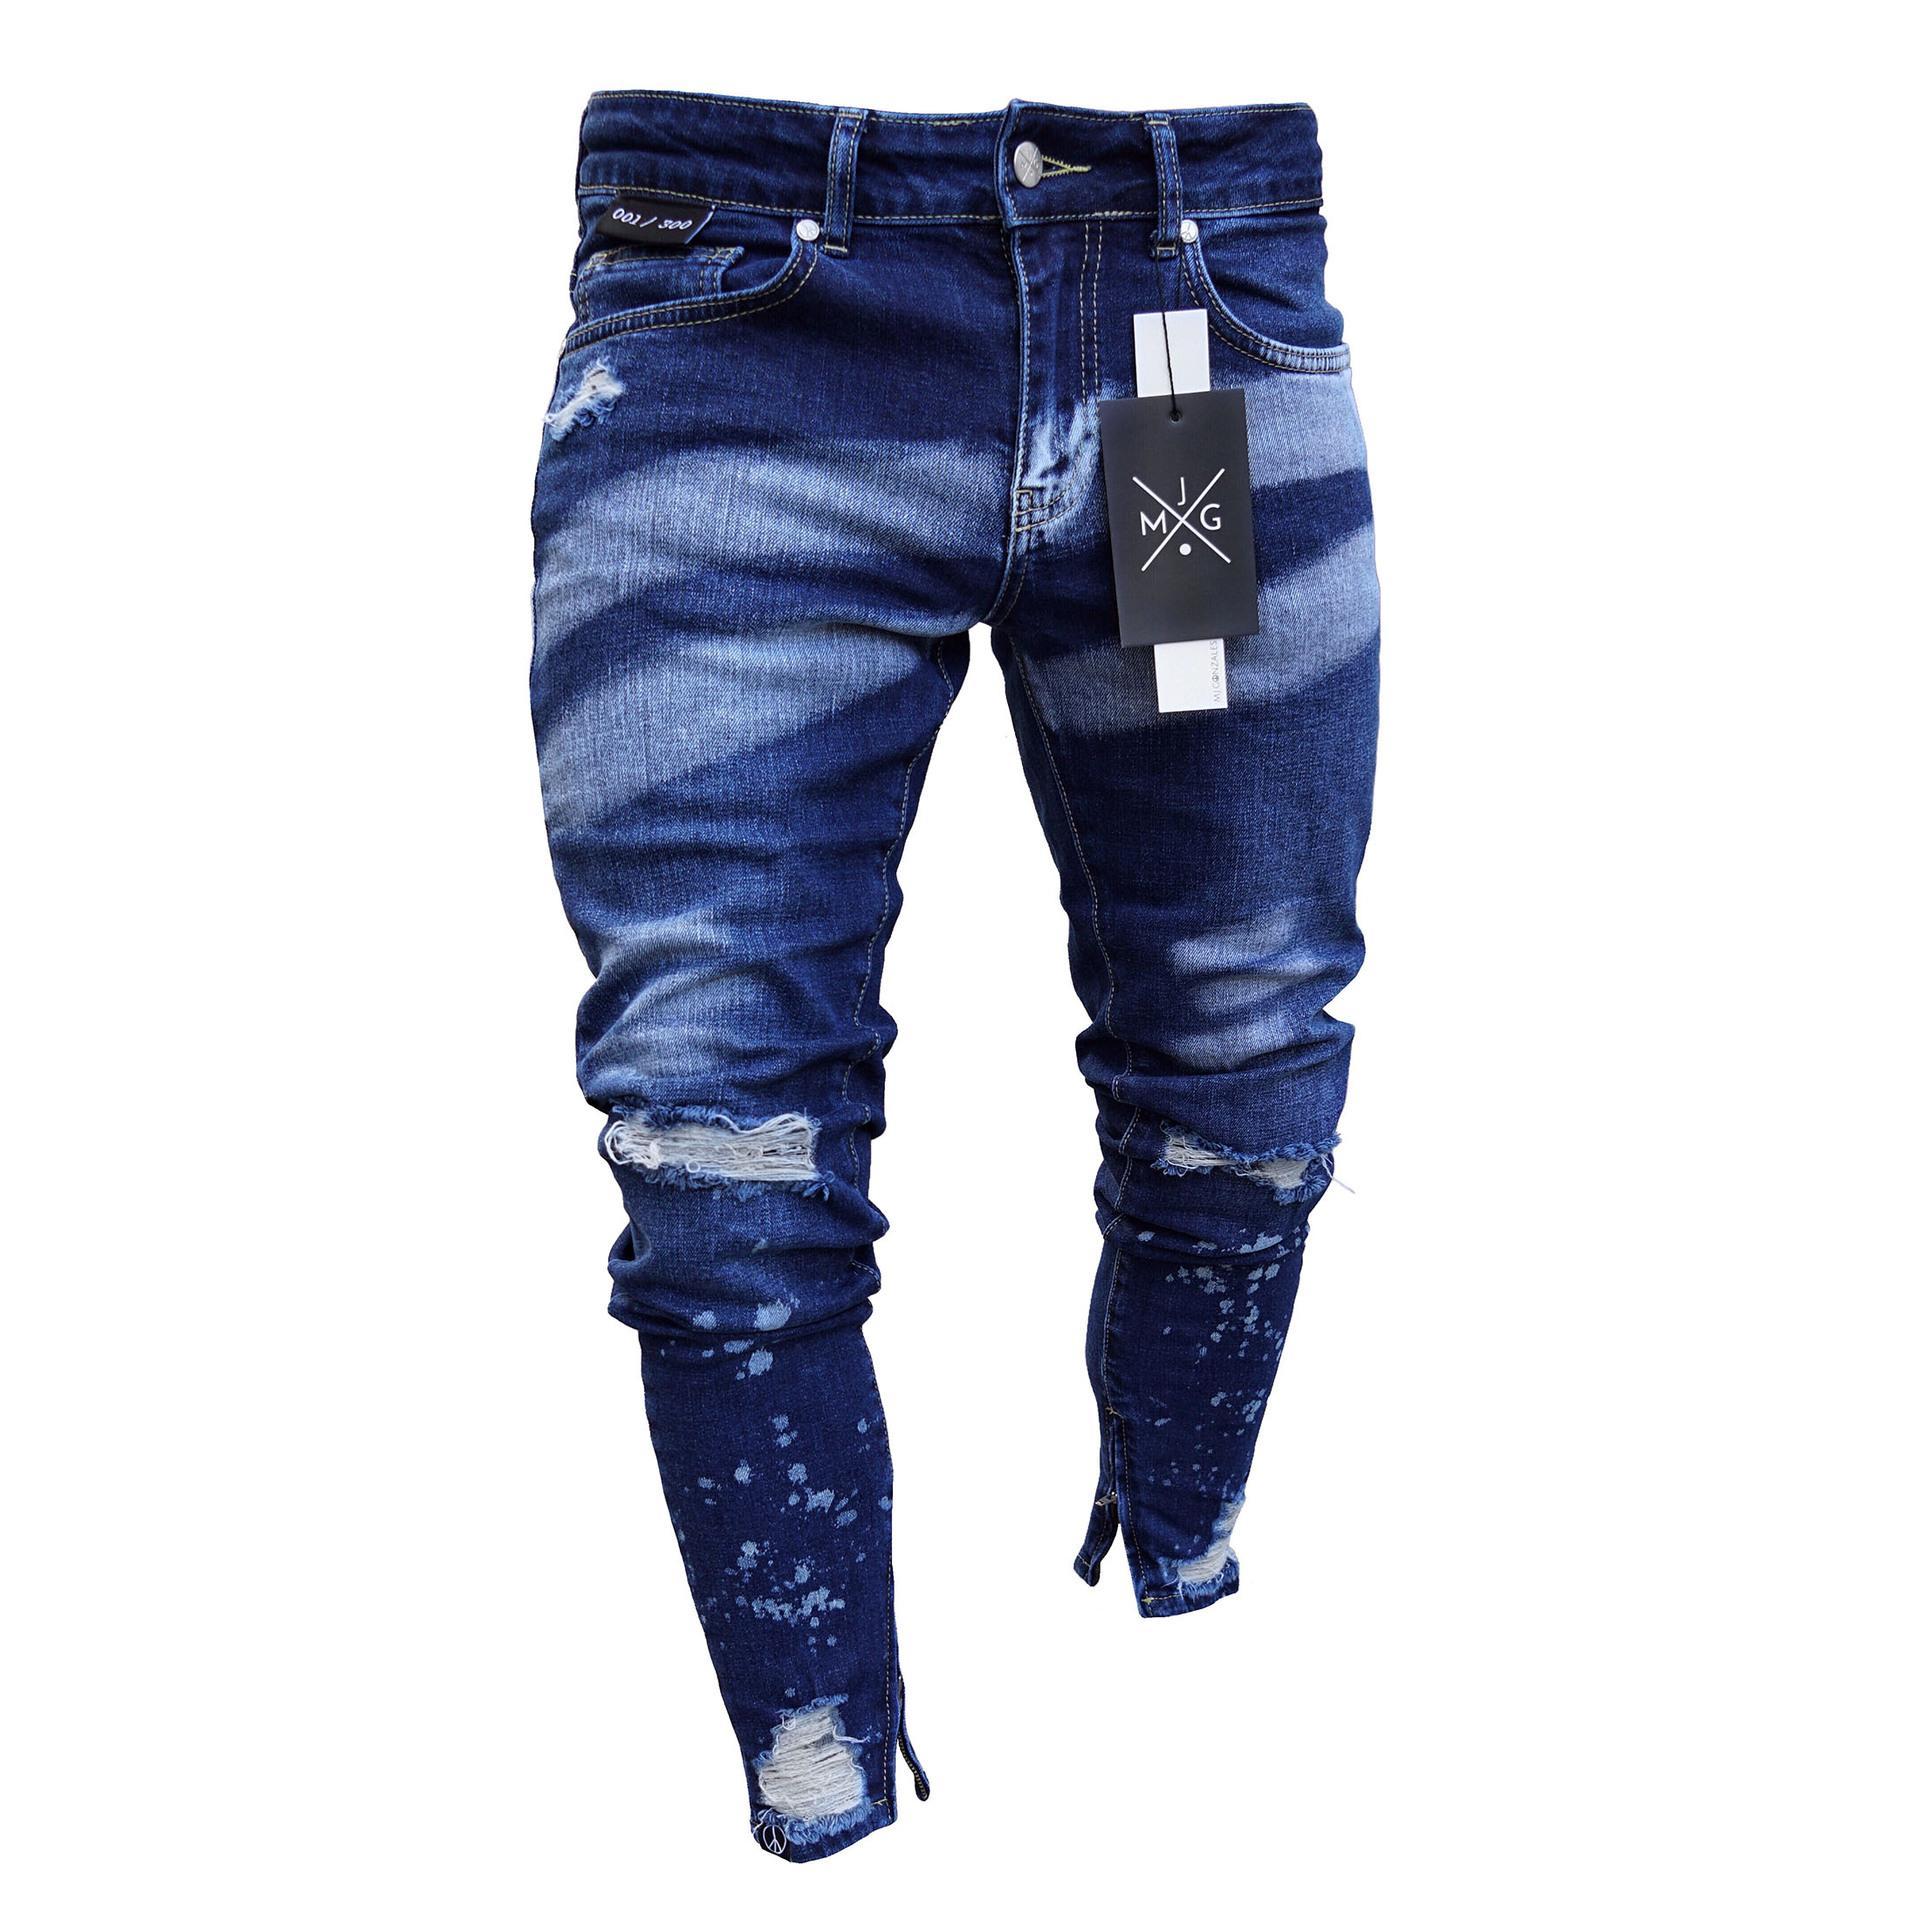 venta al por mayor estilo único auténtica venta caliente Compre Azul Lavado Jeans Para Hombre Ropa Gradiente De Color Lápiz Pantalón  Jean Pantalones Vaqueros Ajustados De Corte Slim A $43.32 Del ...